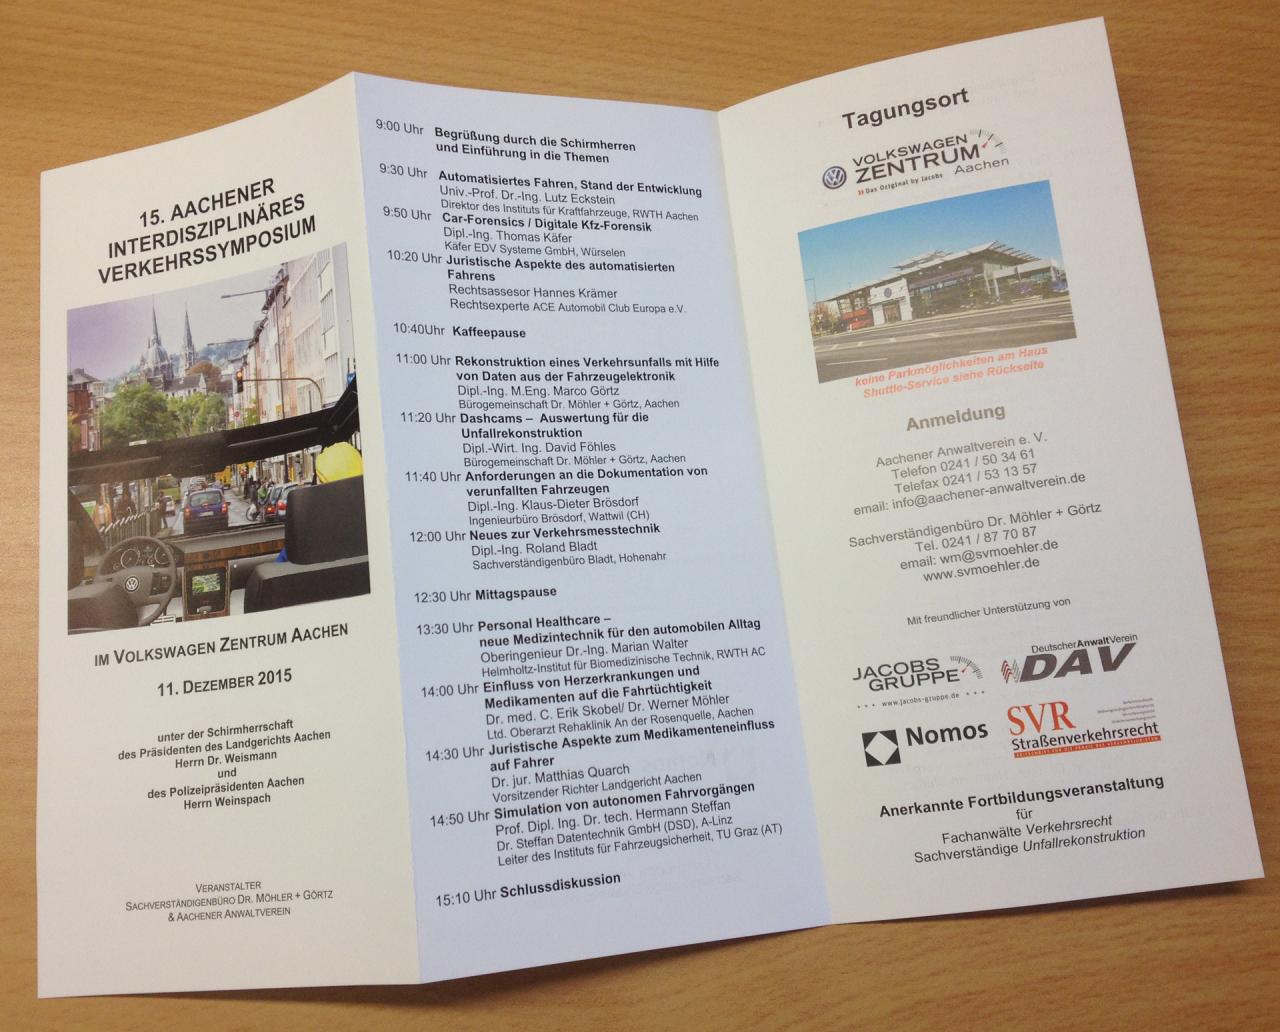 15. Aachener Interdisziplinäres Verkehrssymposium am 11.12.2015 im Volkswagen Zentrum Jacobs Aachen Trierer Straße